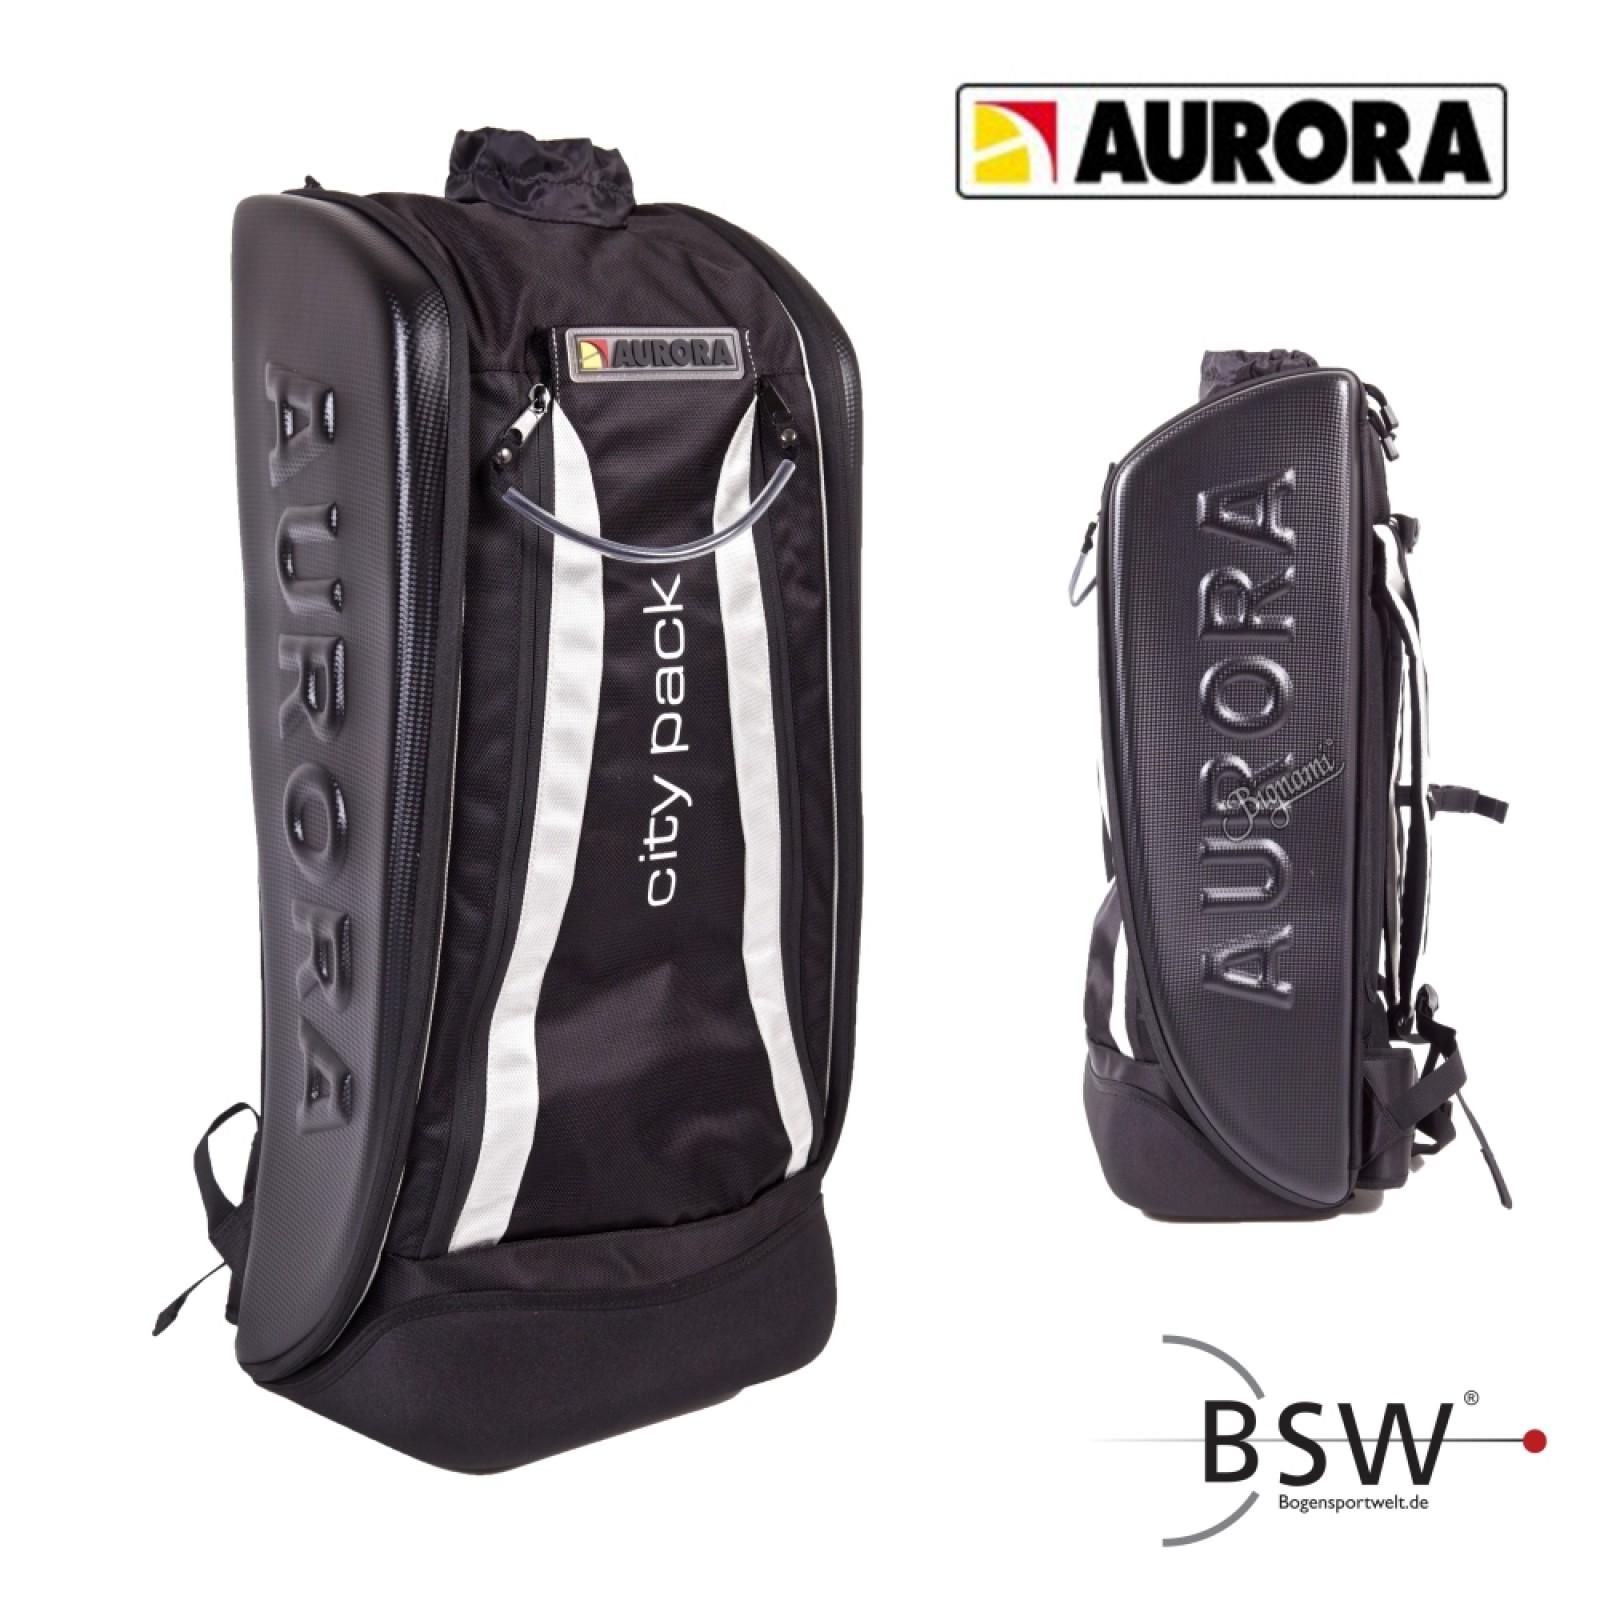 Batoh AURORA Hybrid Dynamic City Pack